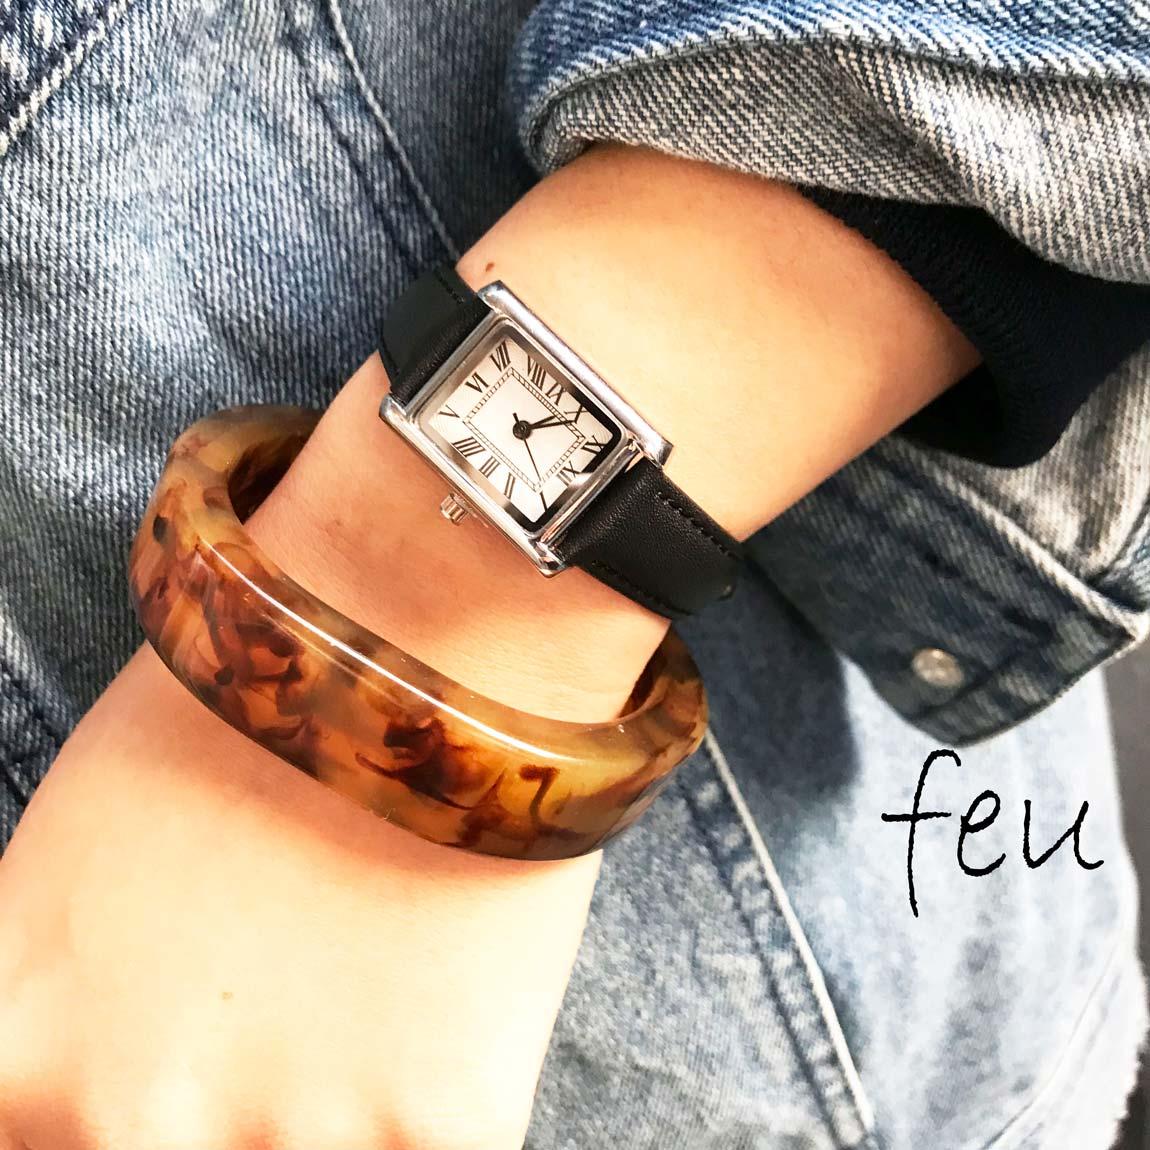 feu【腕時計×ブレスレットの簡単コーデ】